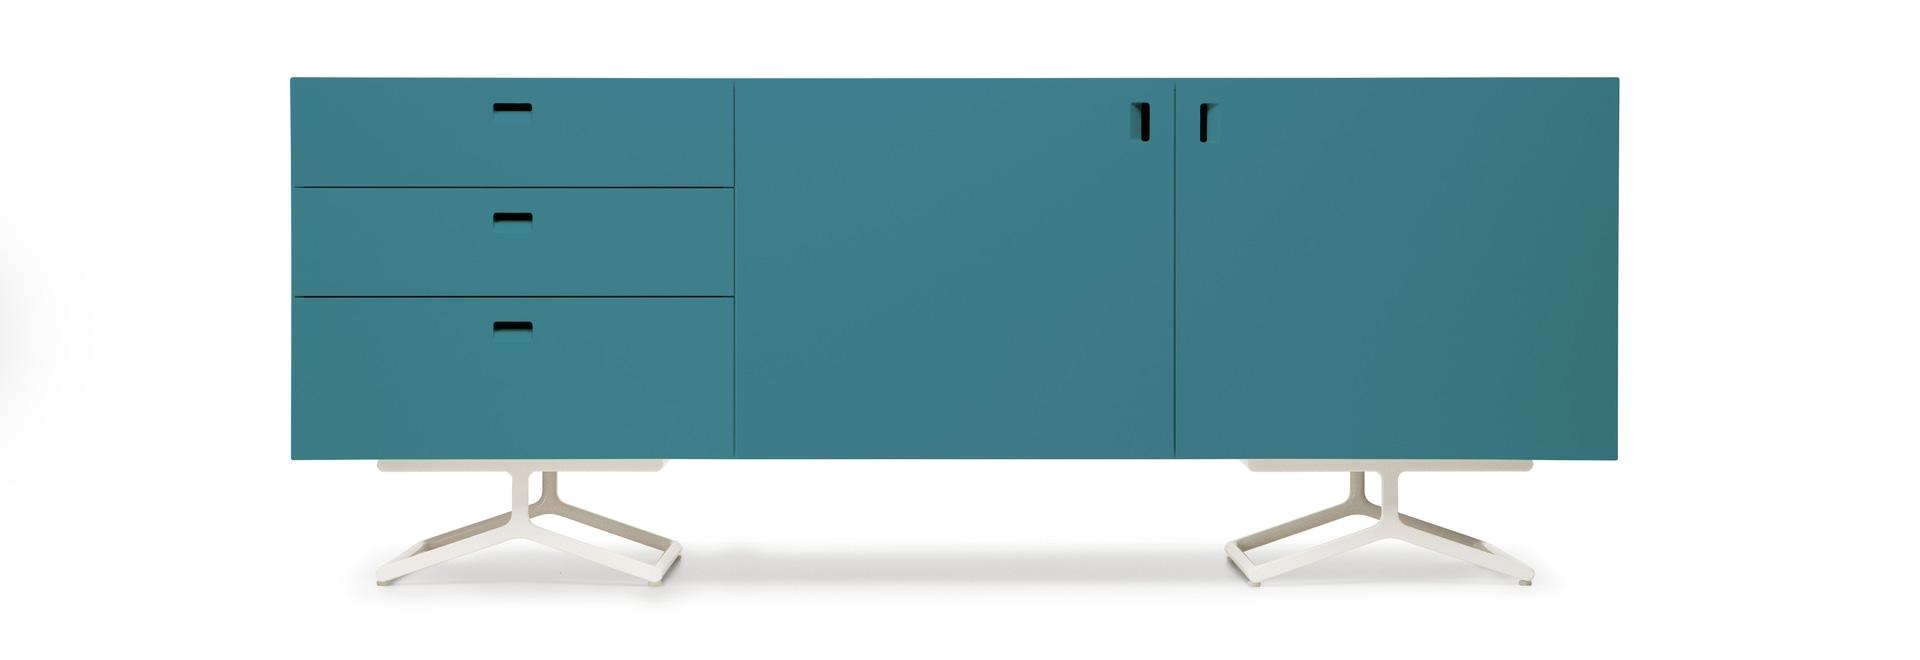 Tipo por satélite de L202,5 H78,5 D47 cm - 2 diseño Barber Osgerby para Quodes